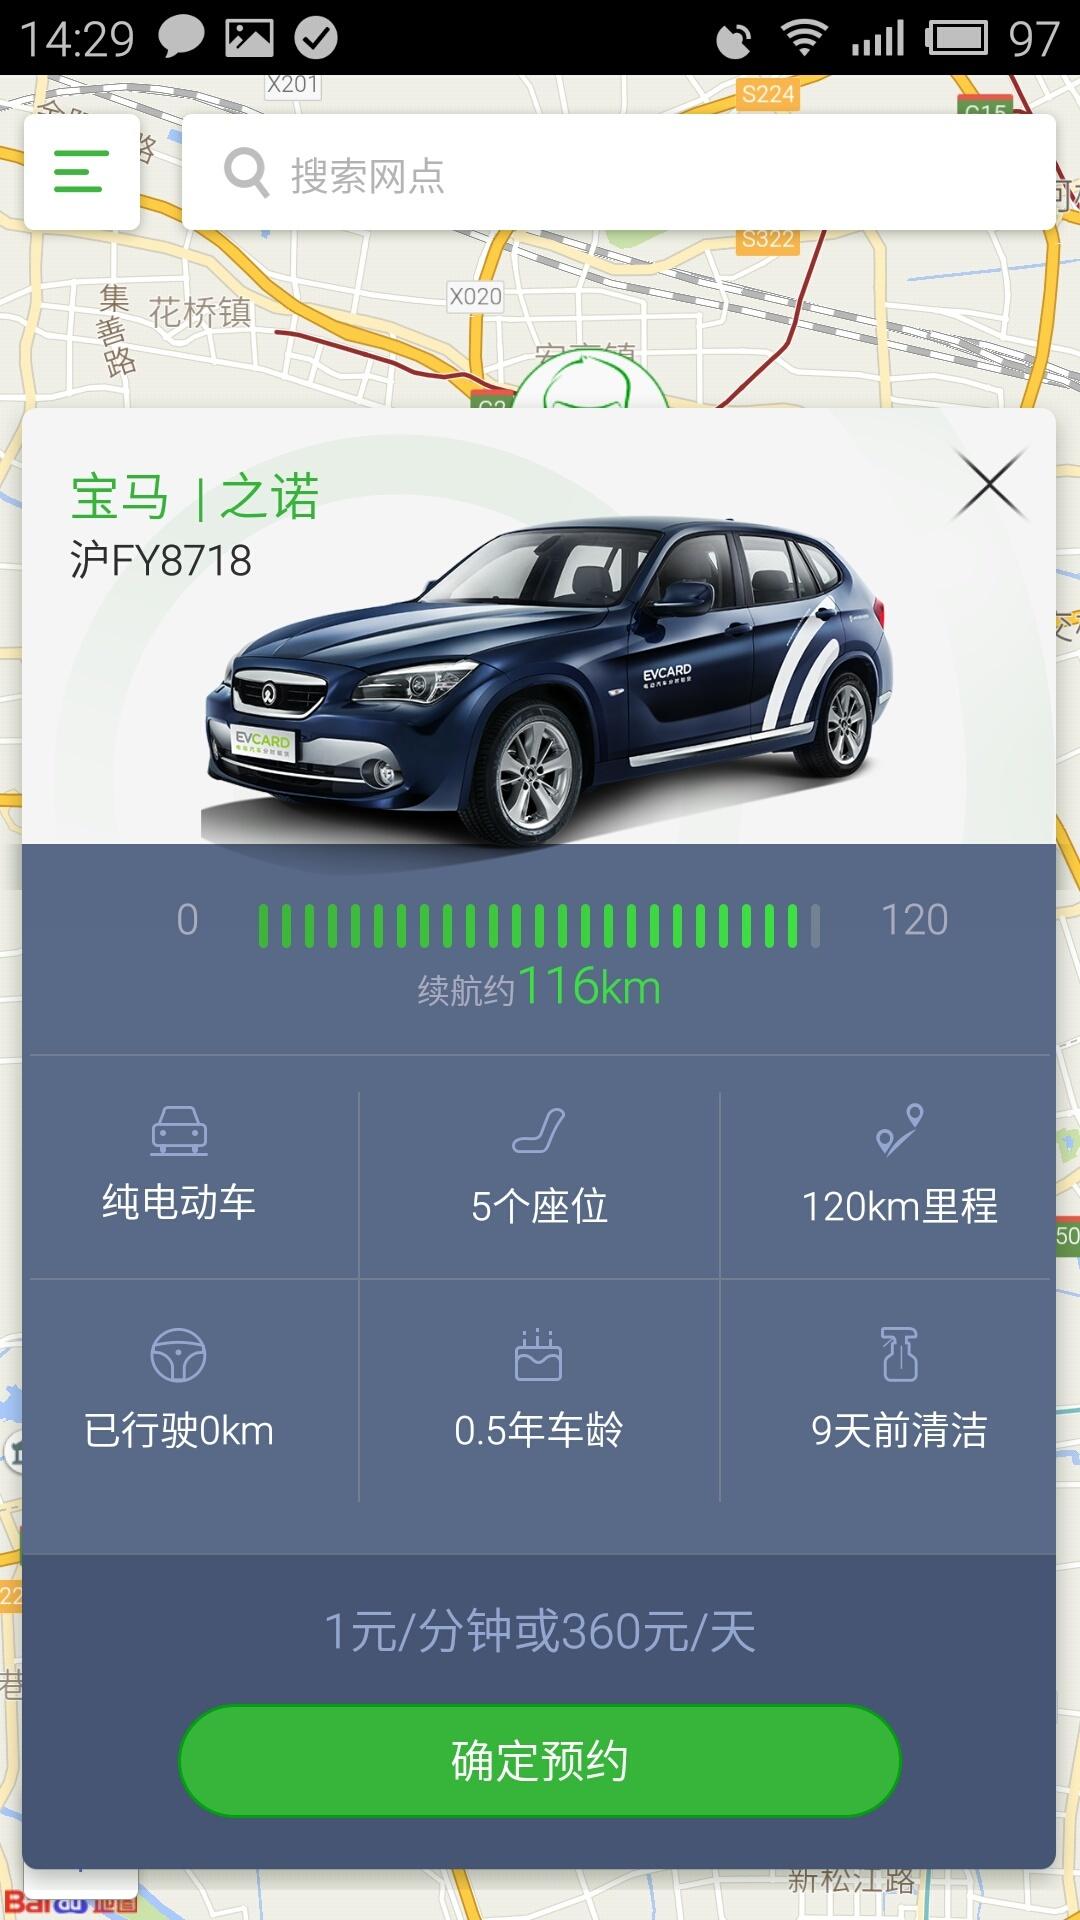 EVCARD官网电动汽车app下载  v2.3.3图4